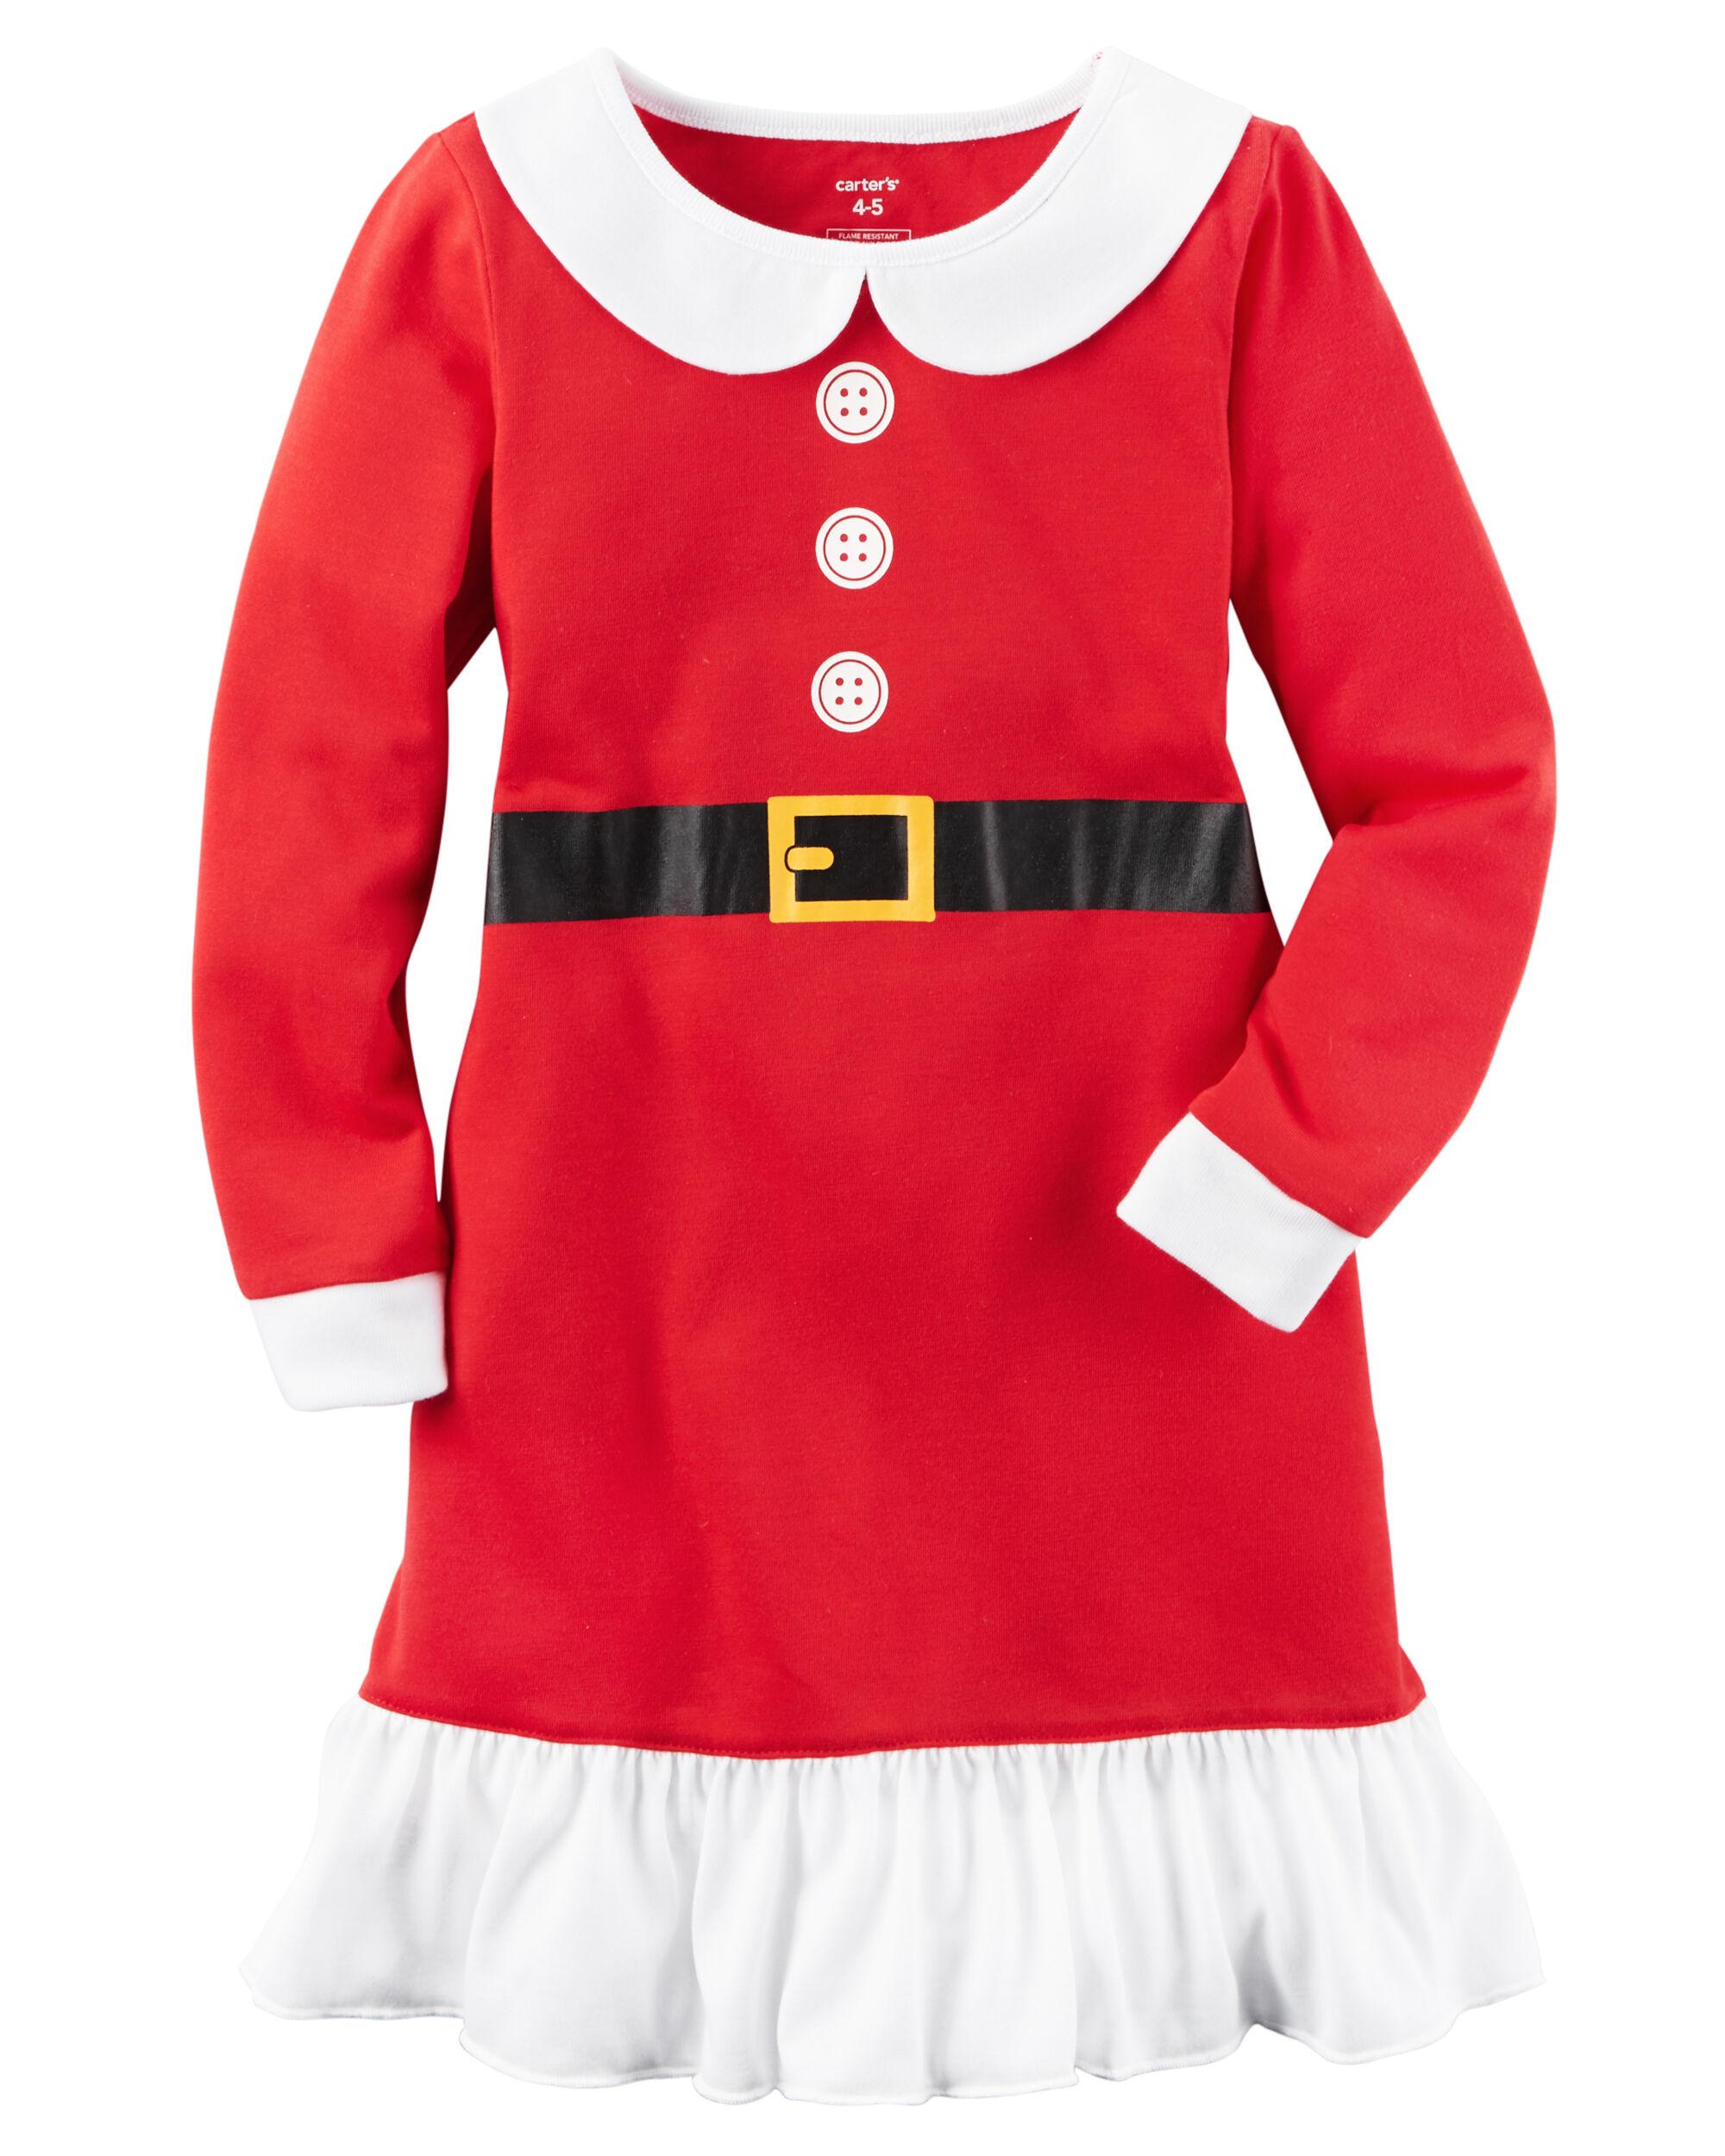 Personalized Baby Christmas Pajamas